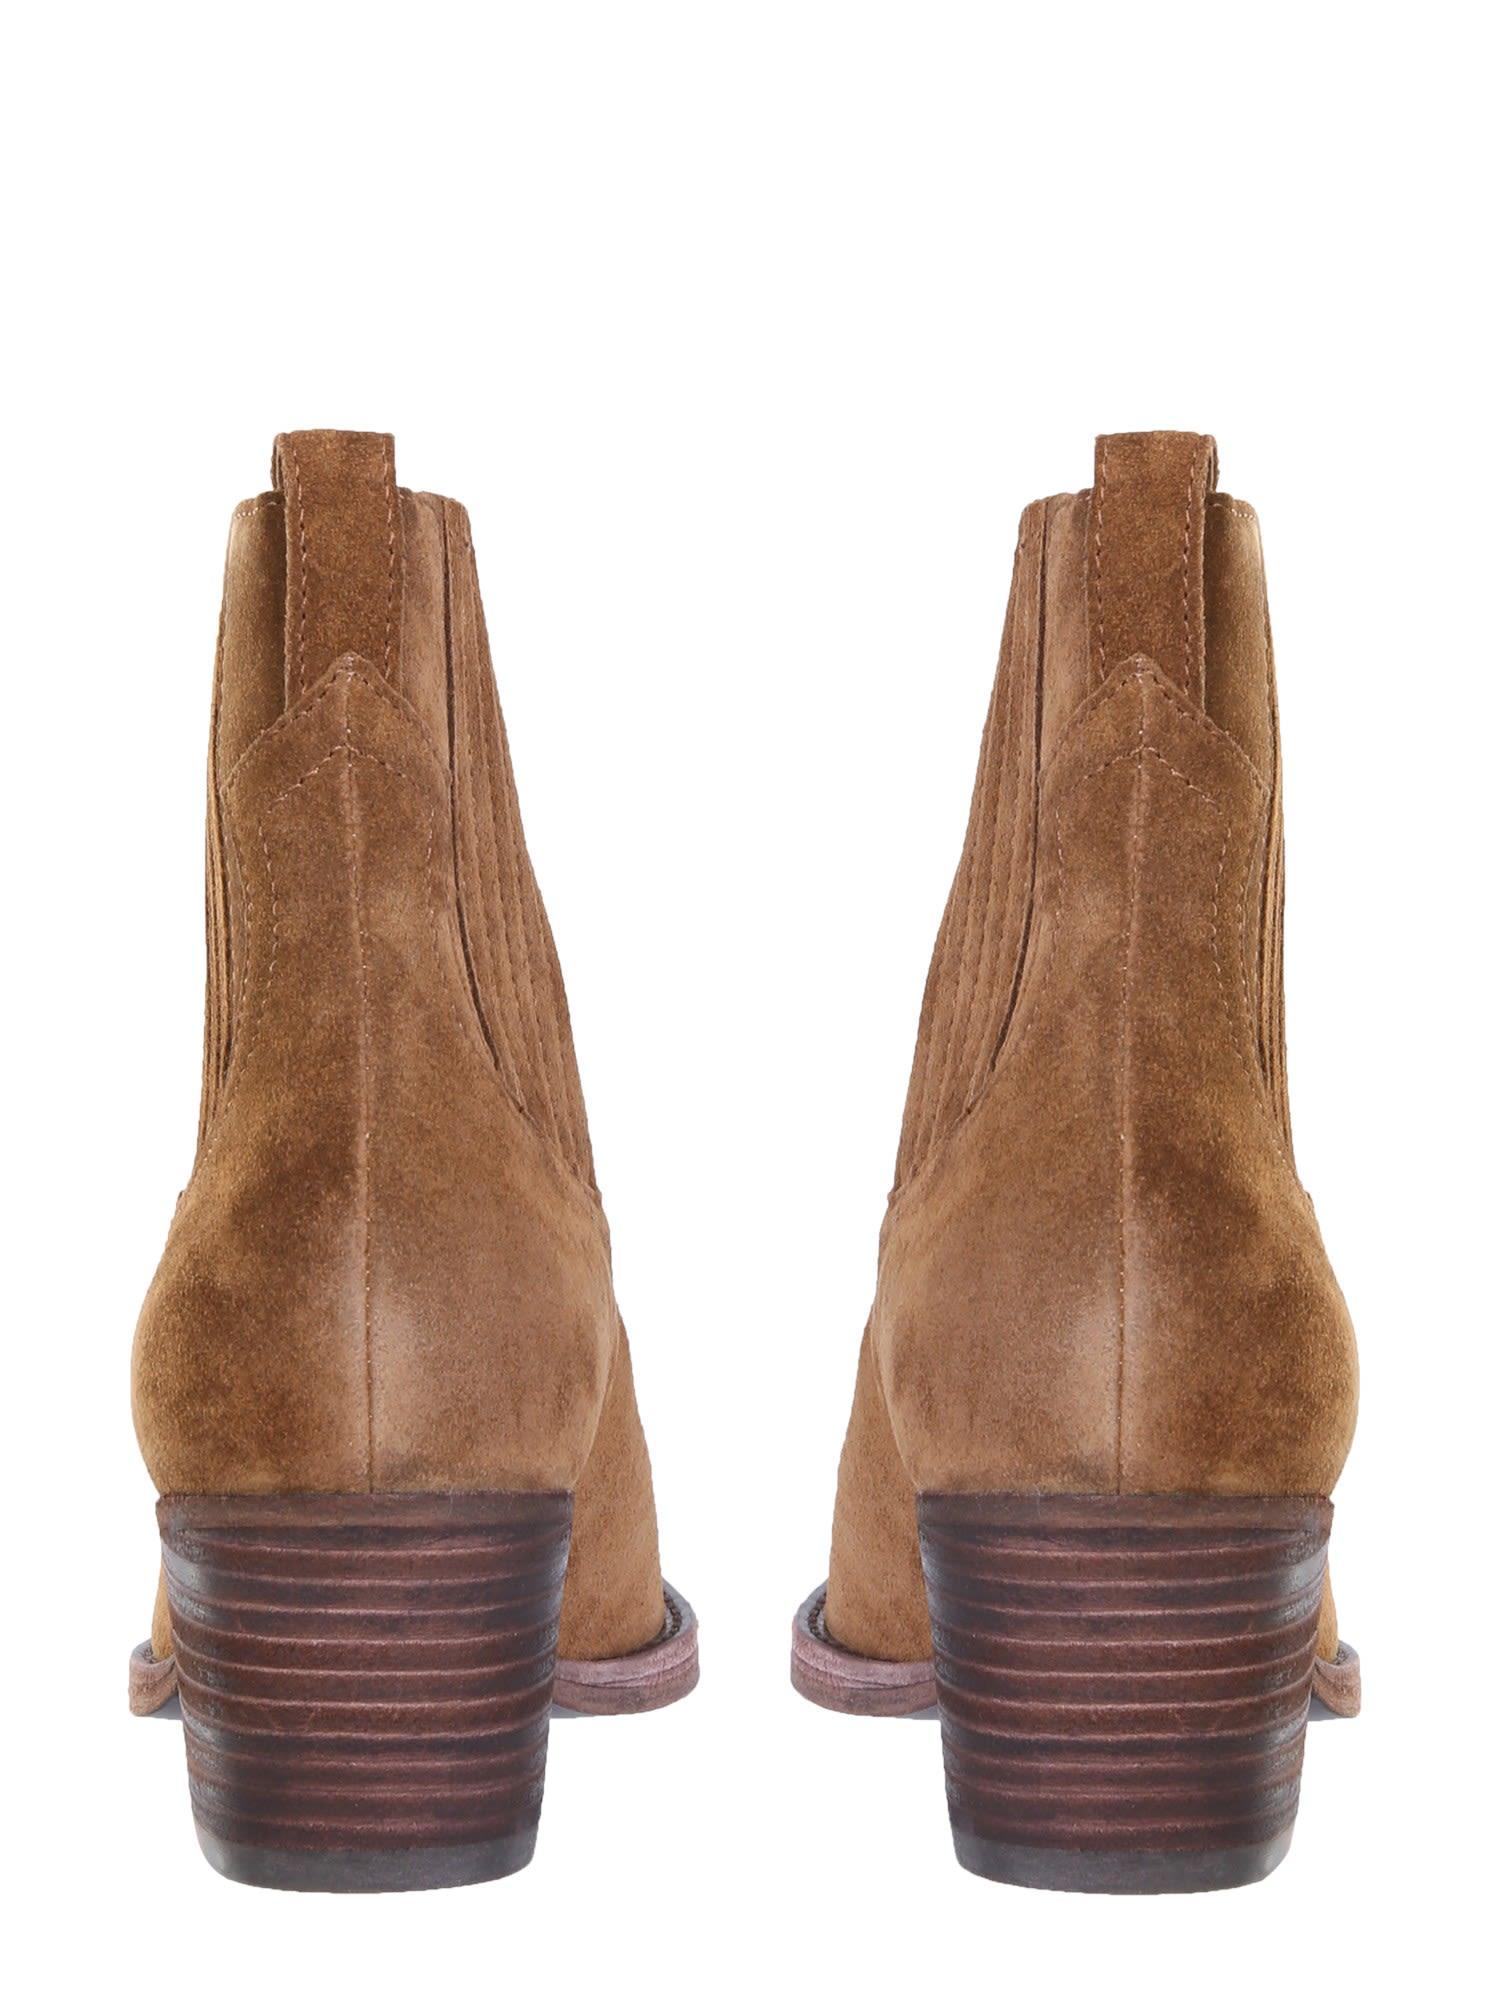 faith boots sale